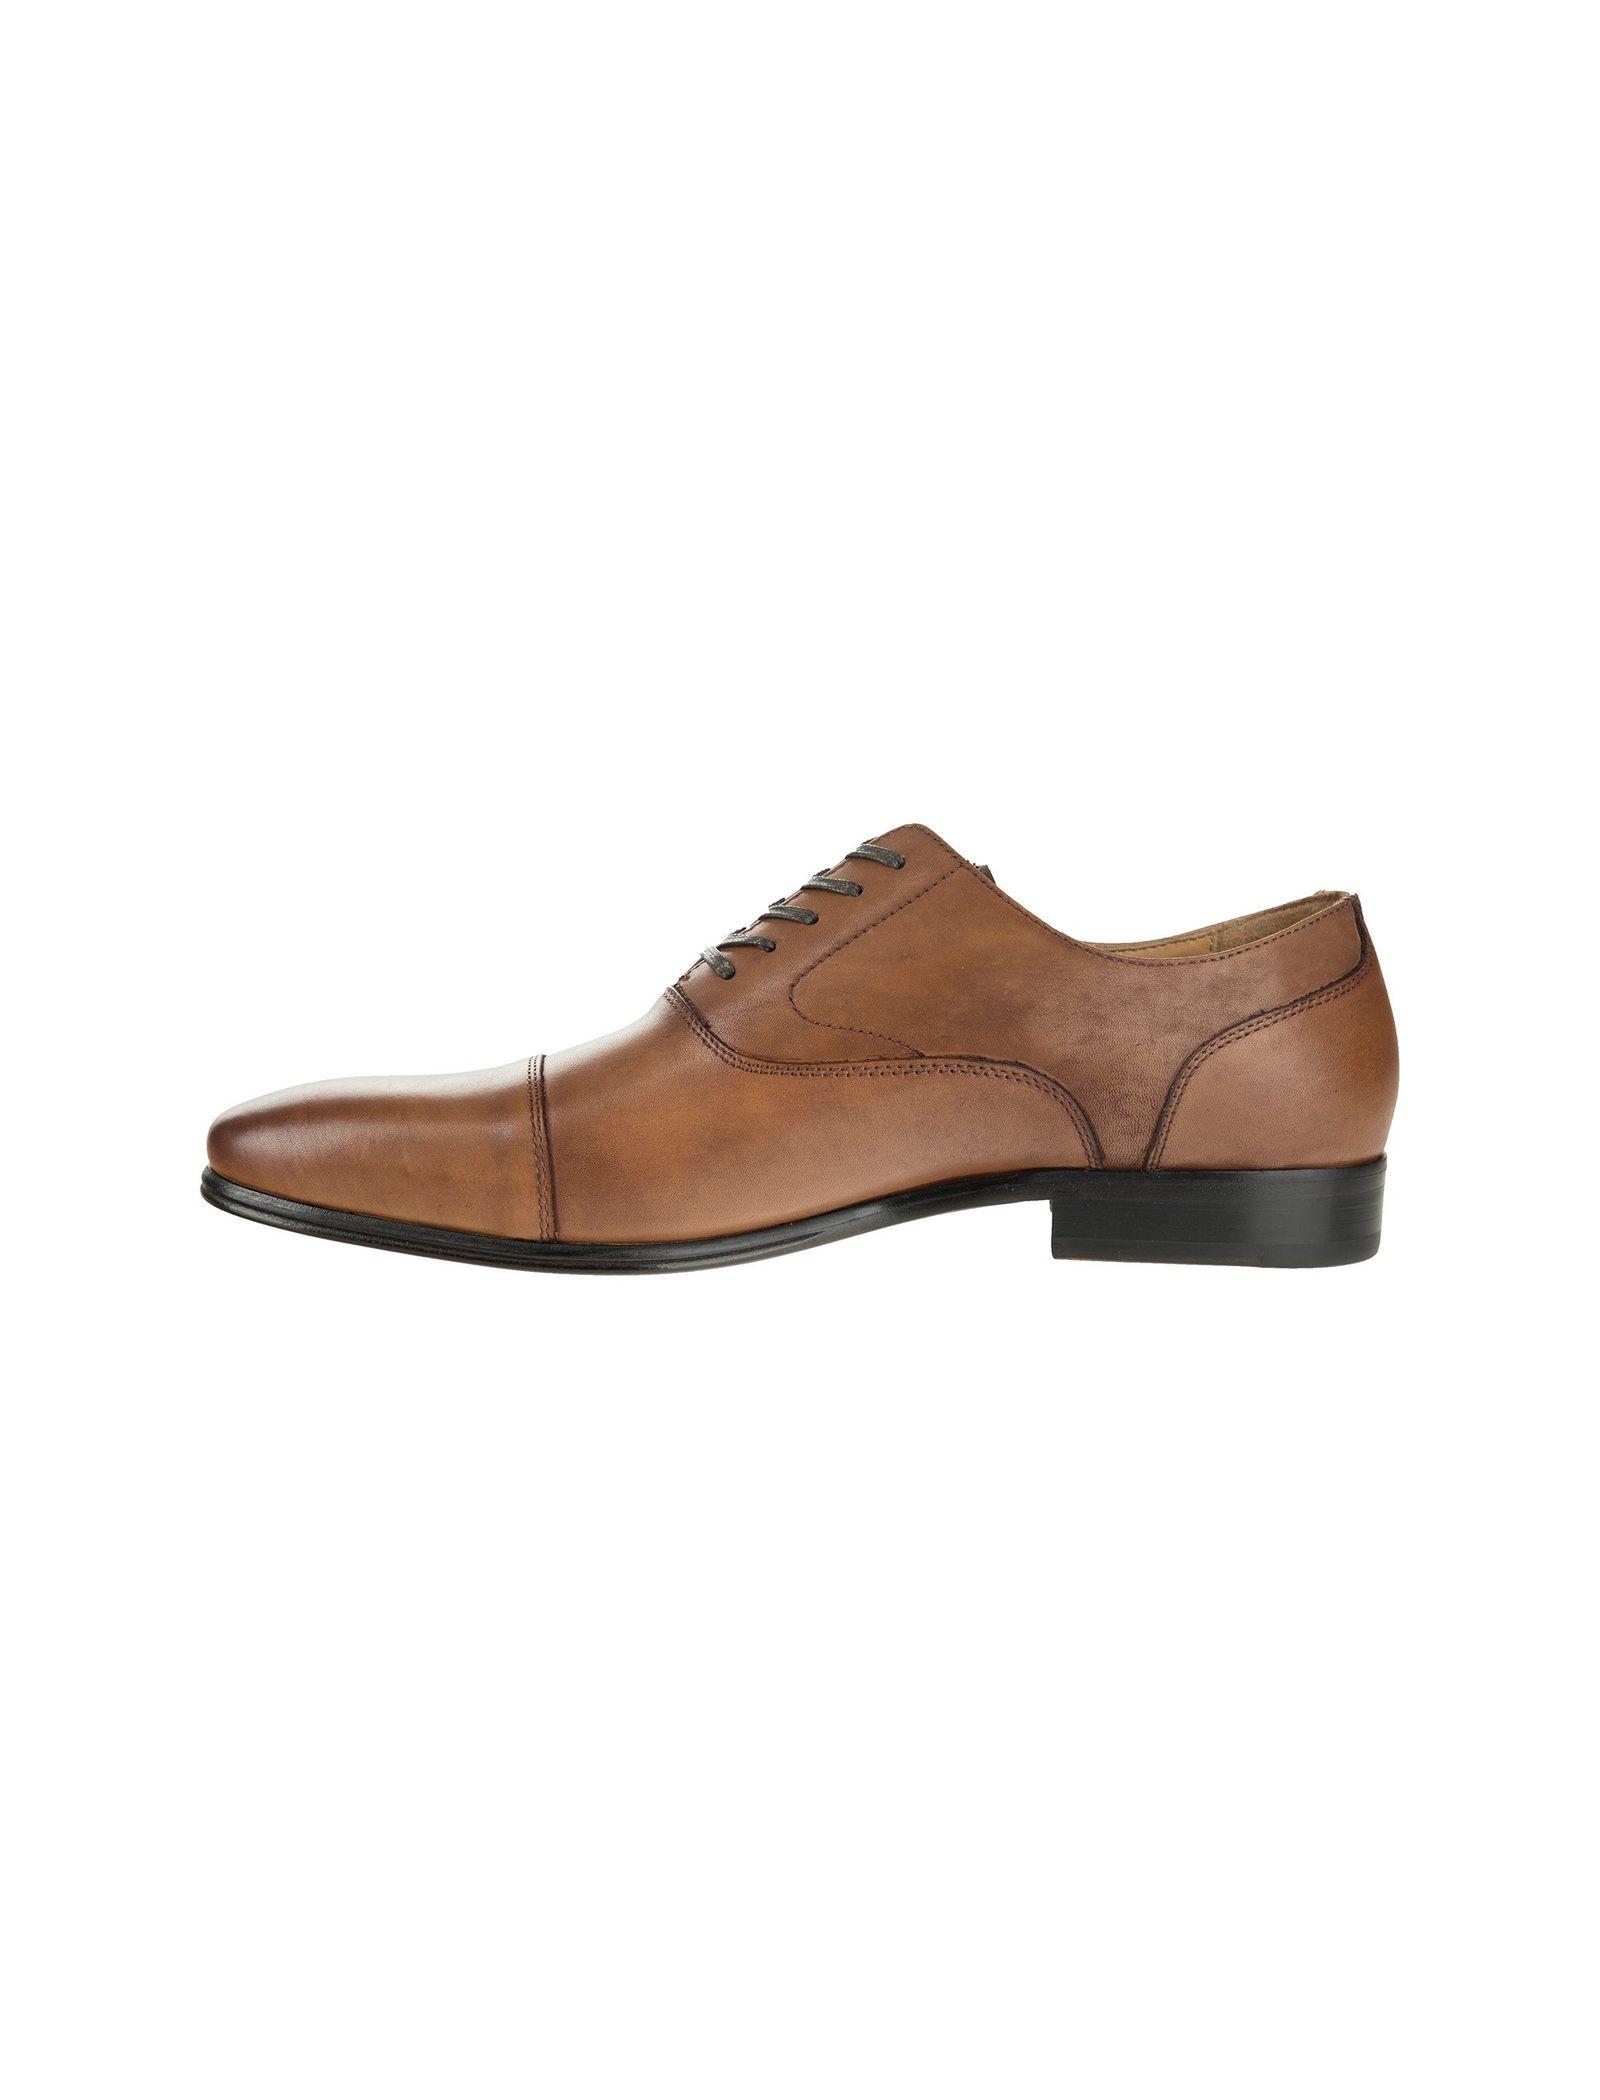 کفش رسمی چرم مردانه - آلدو - قهوه اي روشن - 5